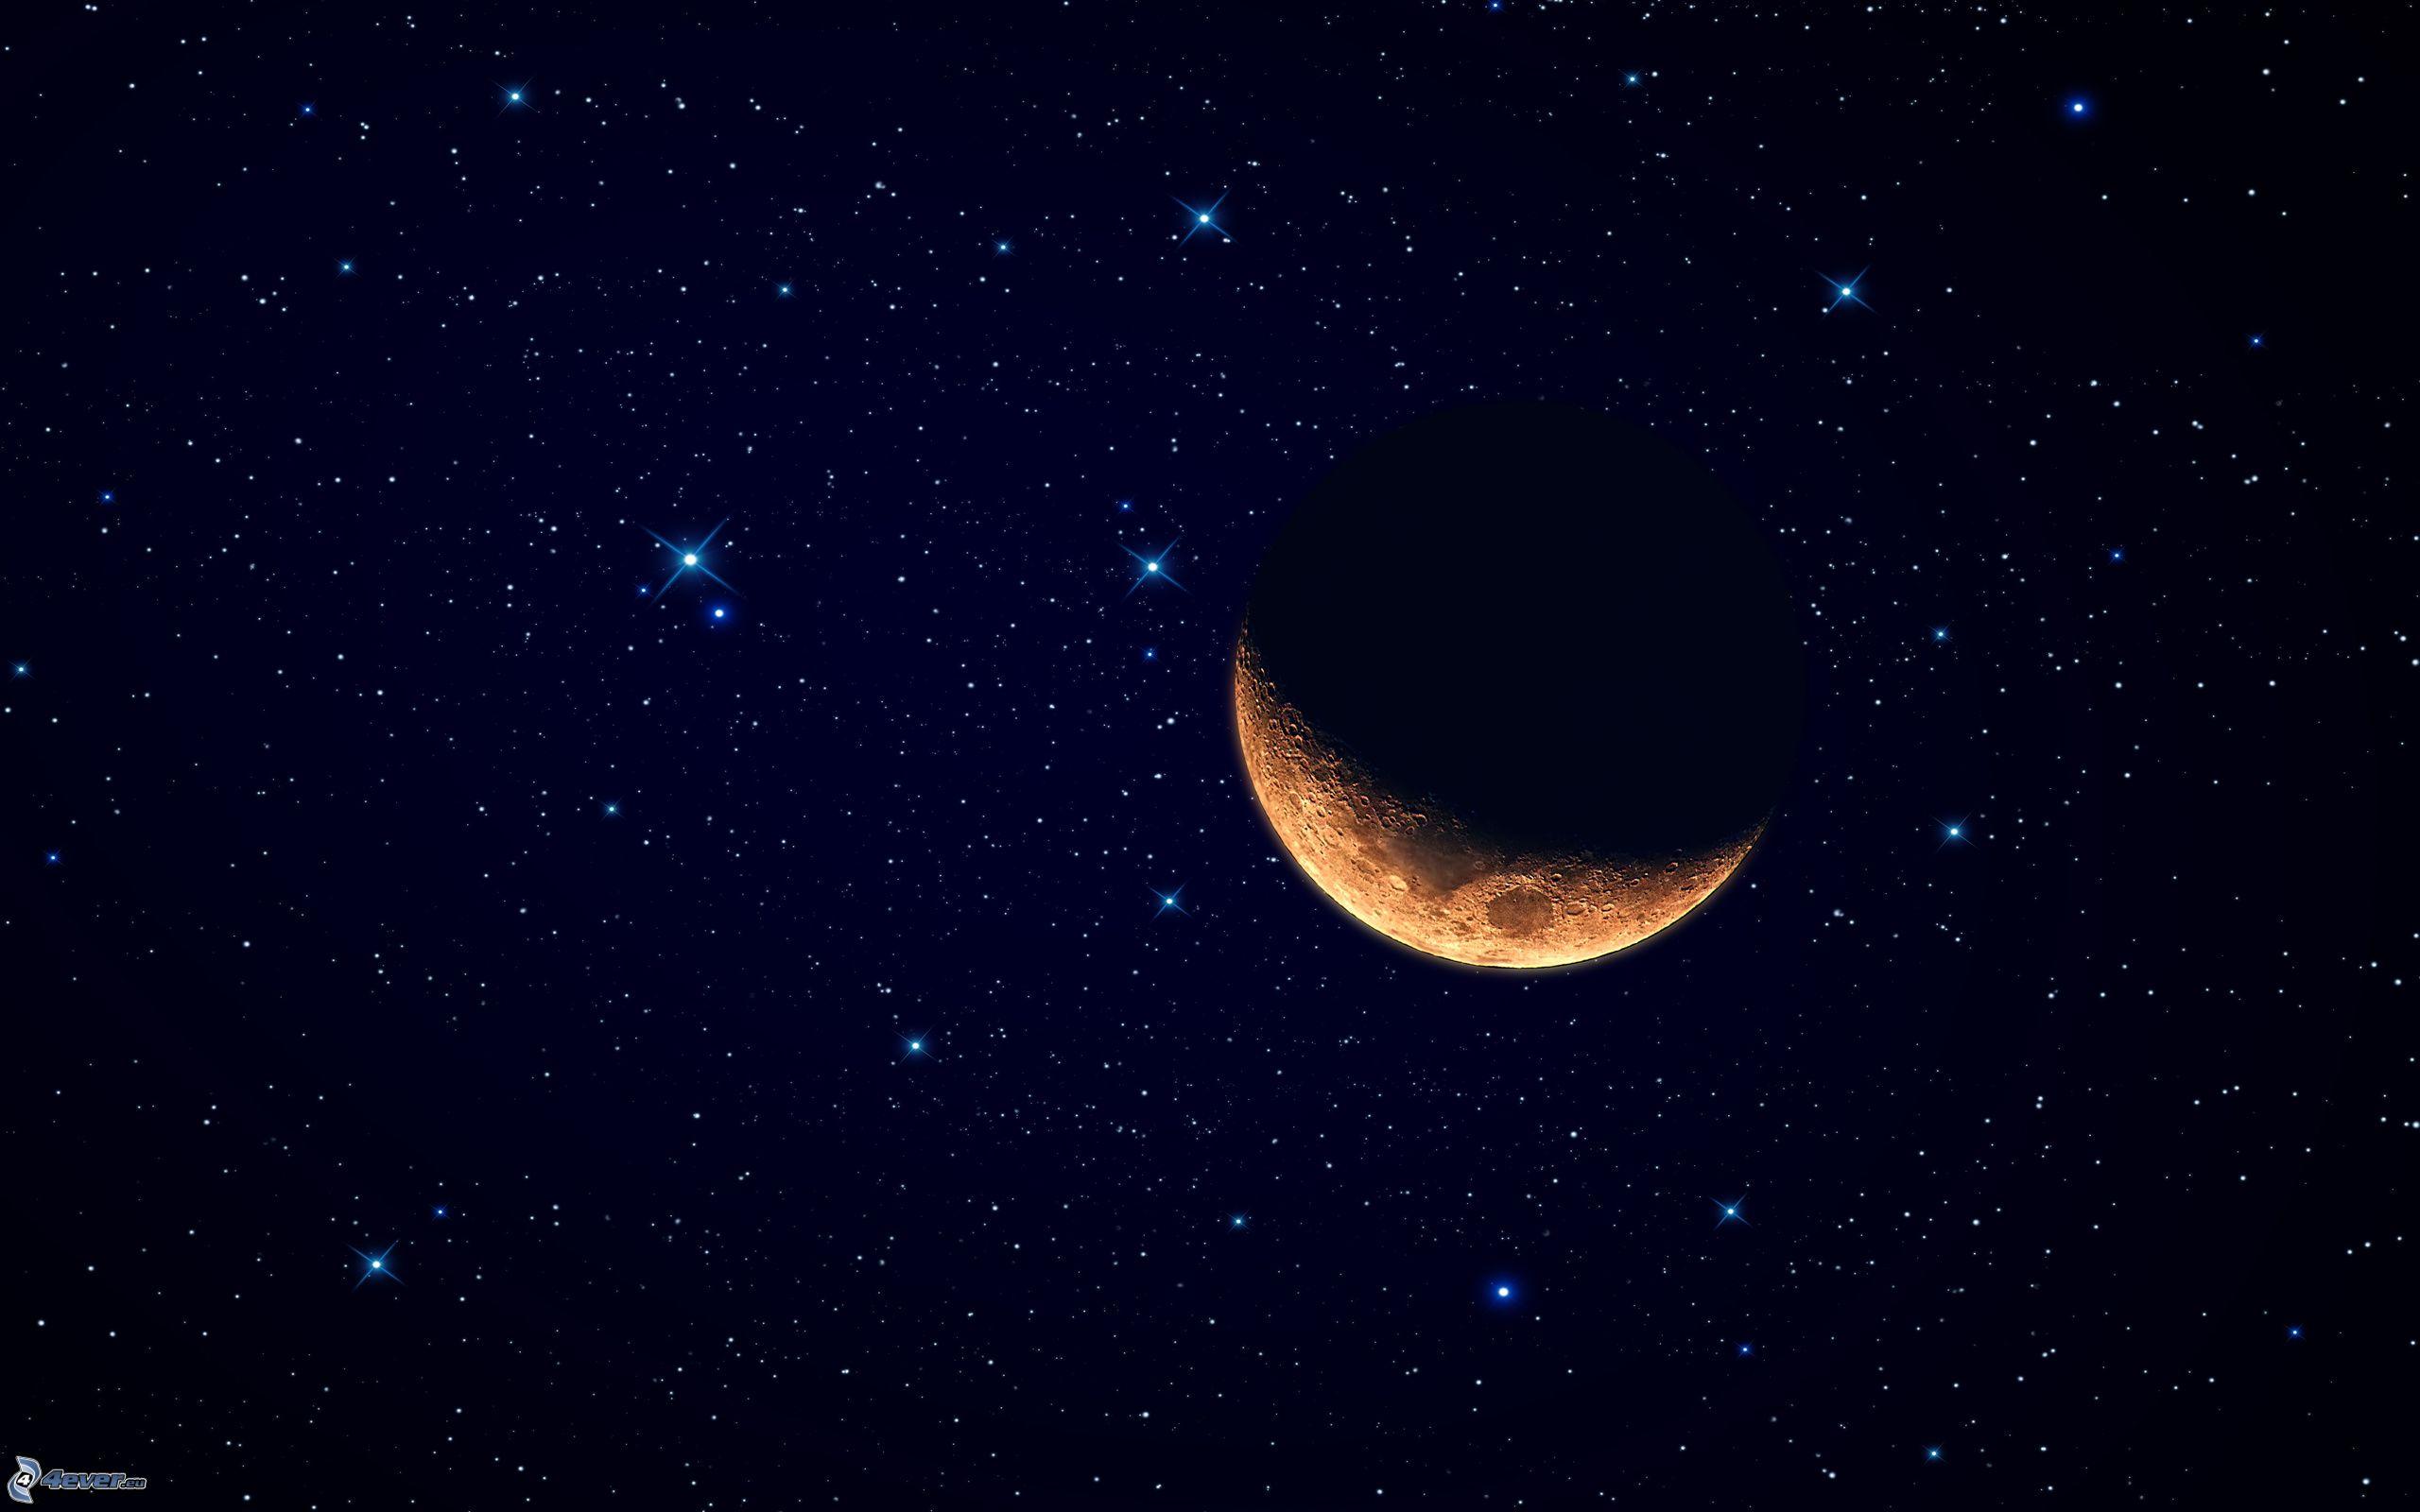 Mond Und Sterne Wallpaper Mond Sterne Tiere Seite 2